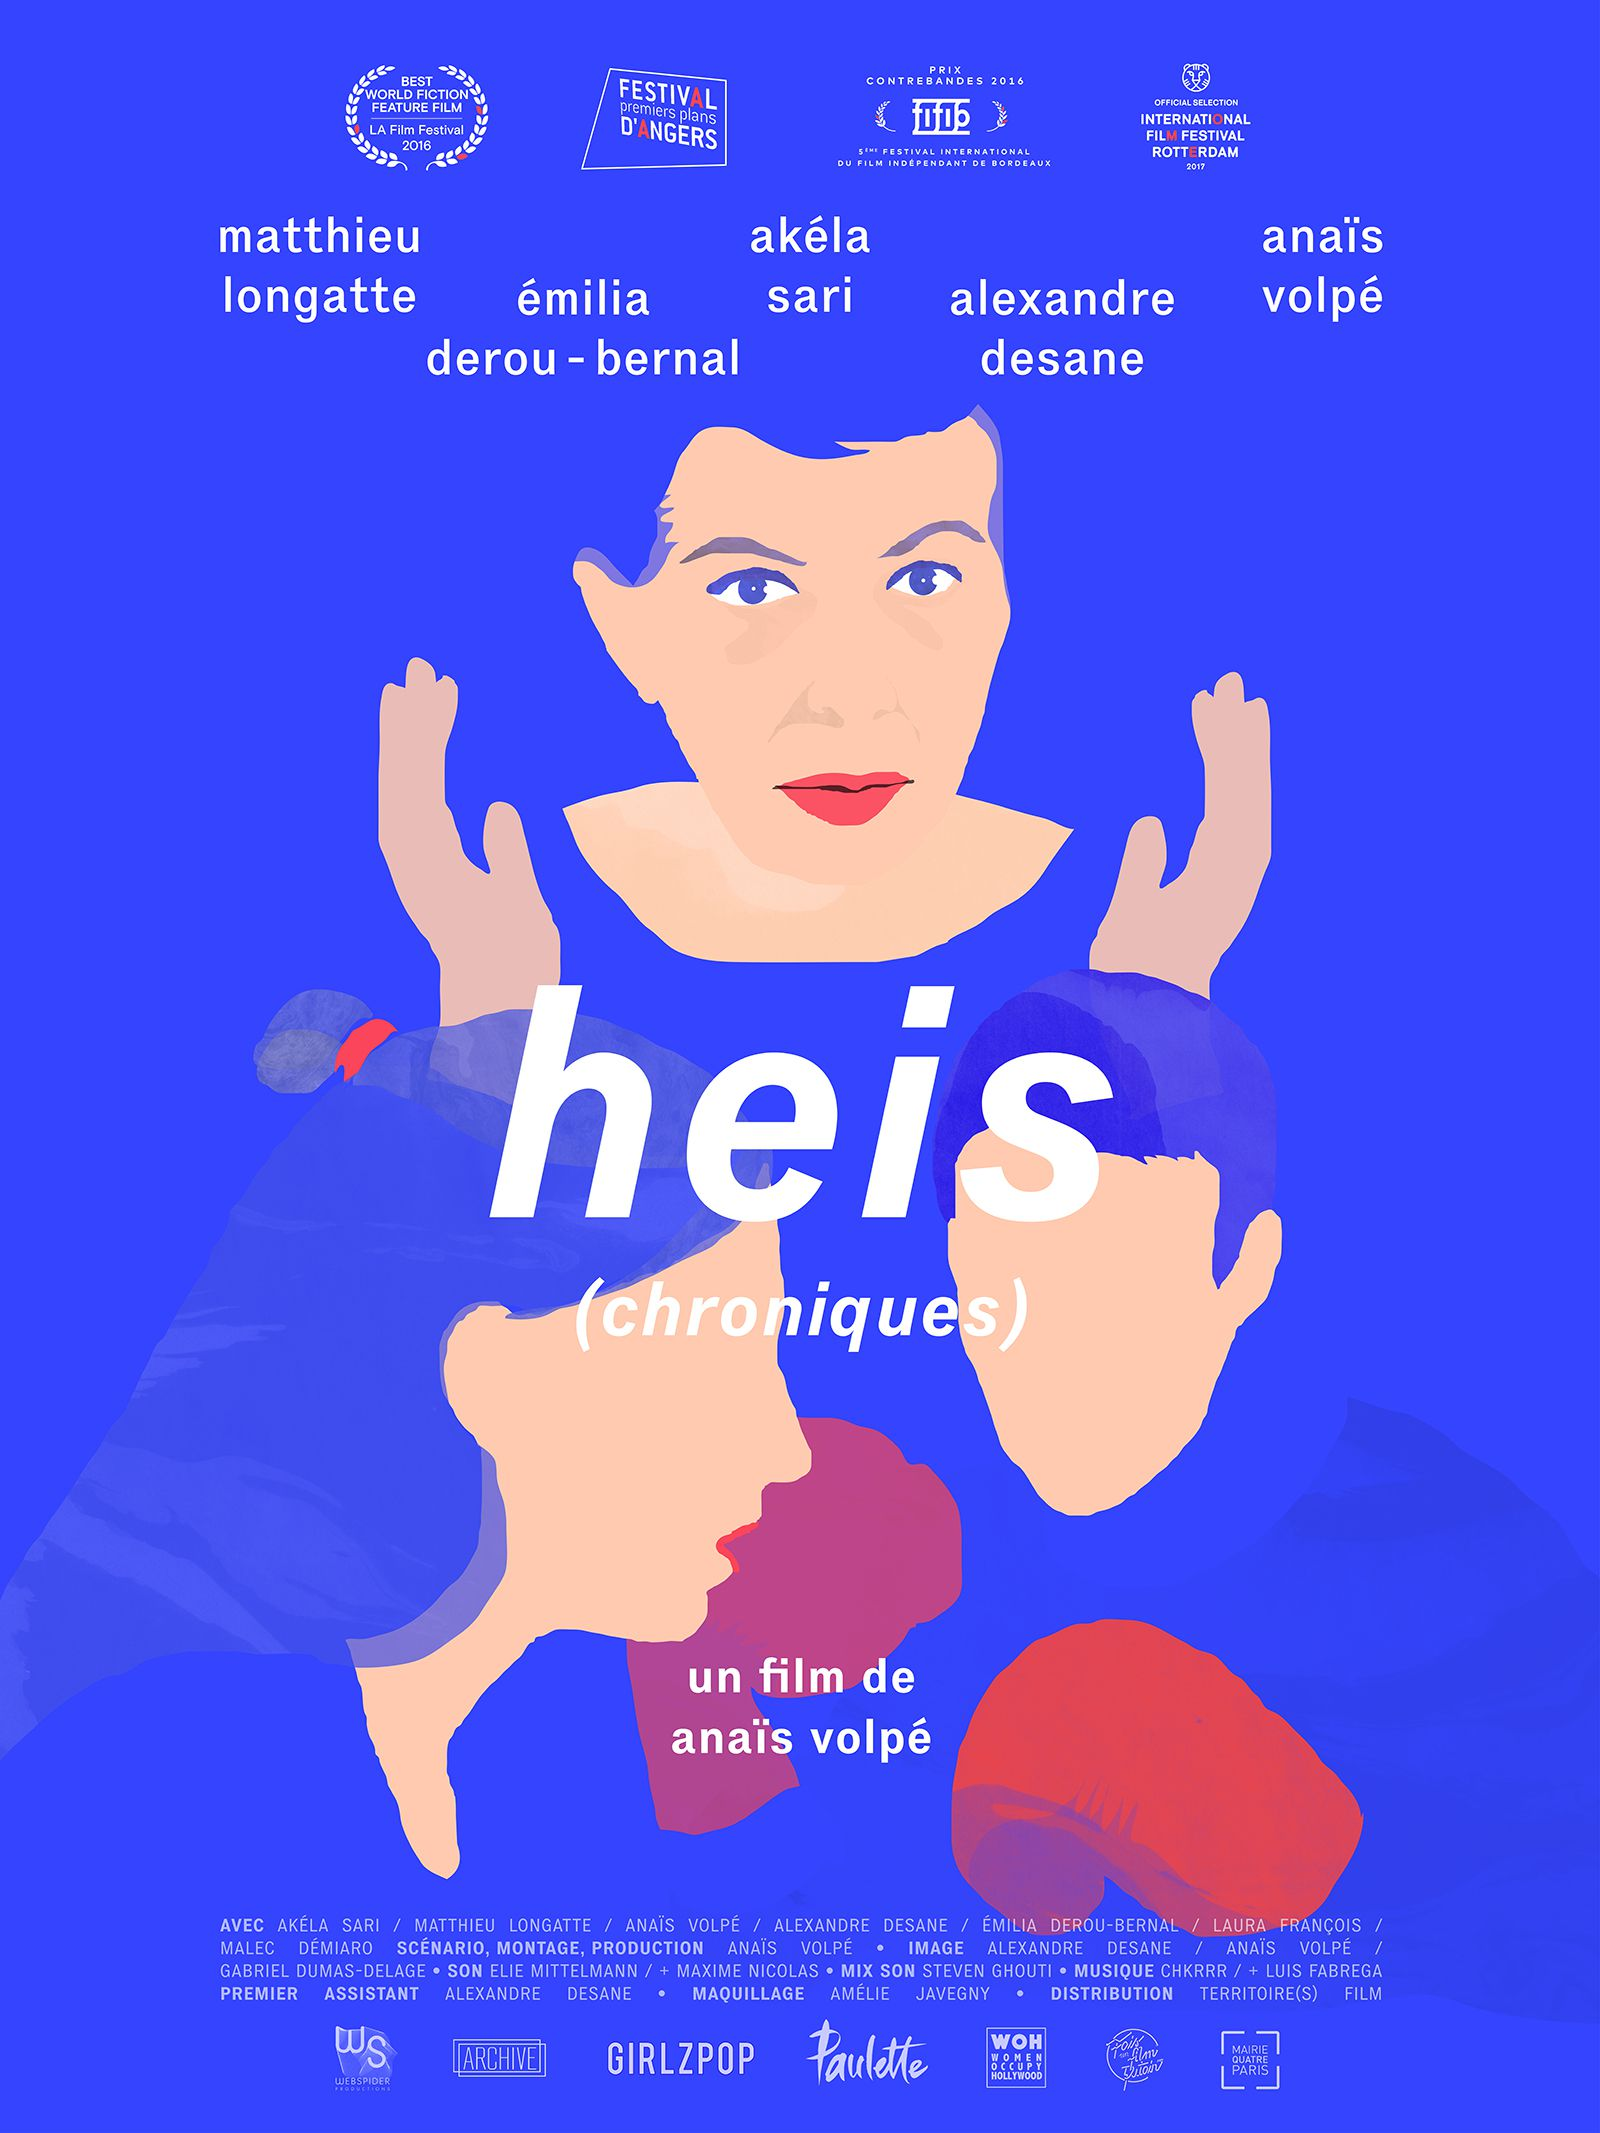 Heis (Chroniques) - Film (2017)